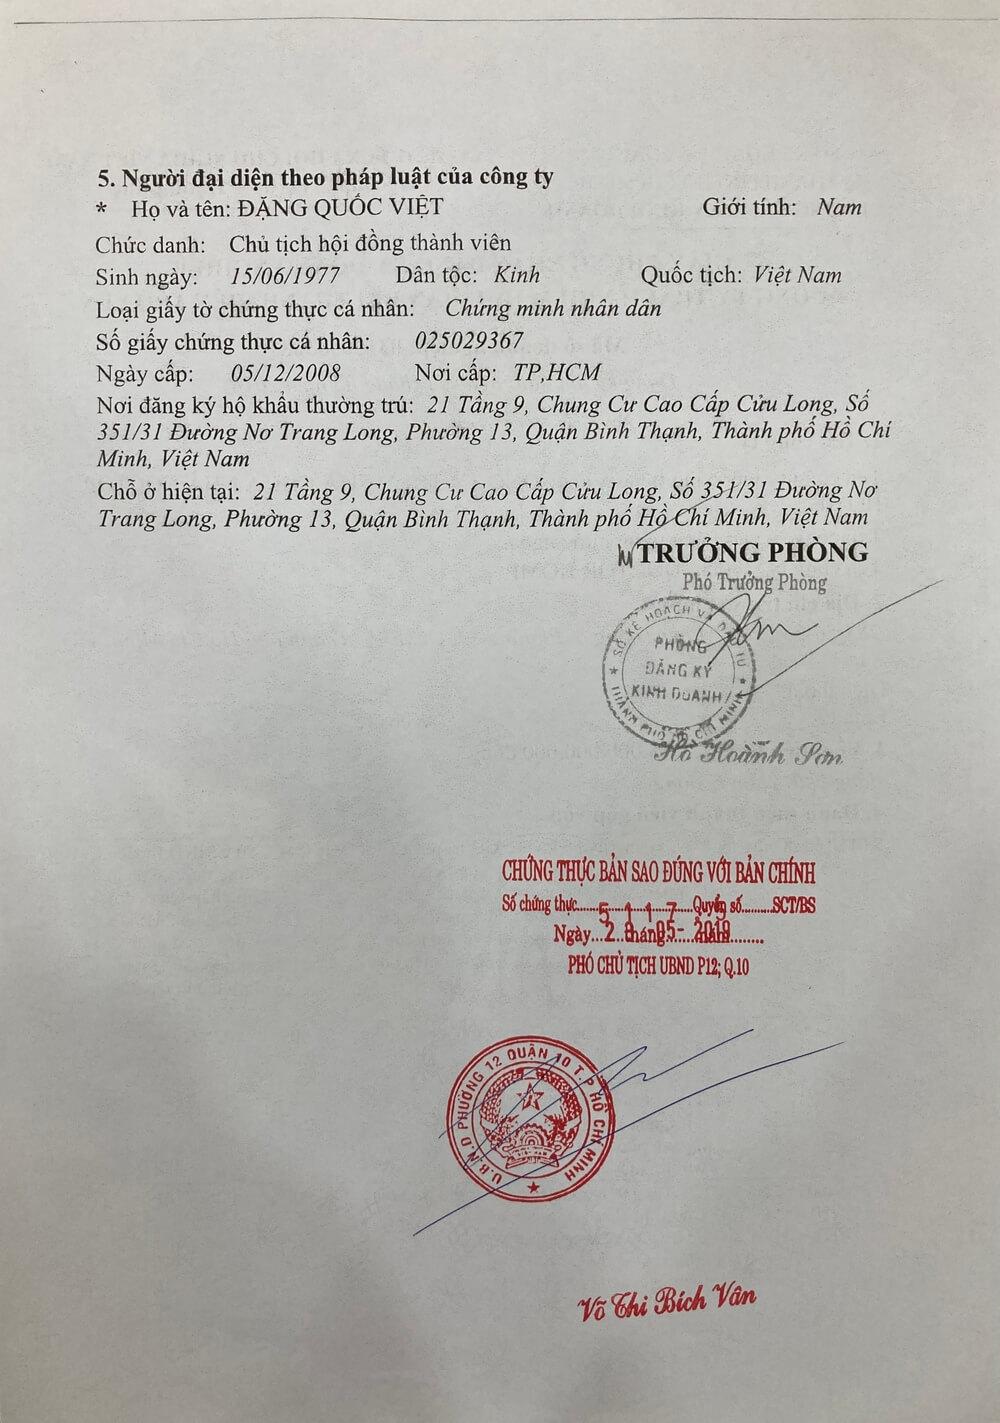 Giay Chung nhan dang ky doanh nghiep Cong ty TNHH Sua chua nha Doctor Home 2